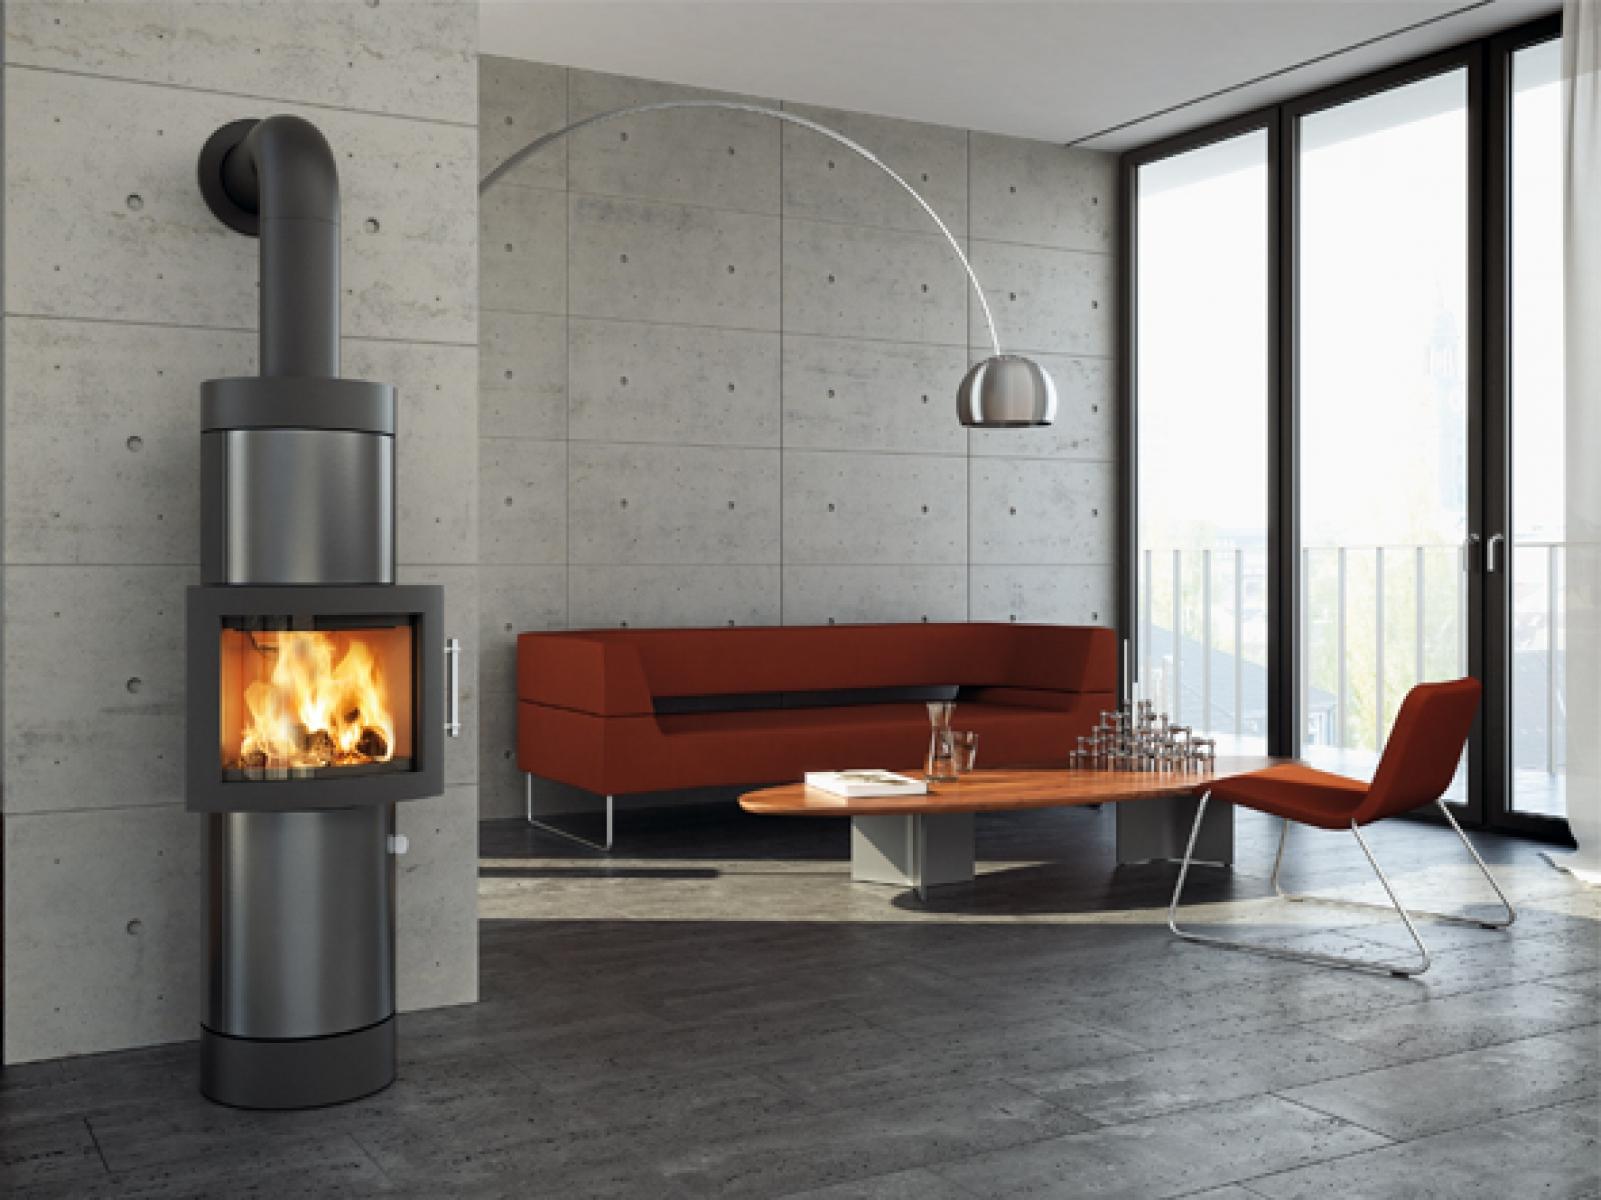 hase merida design. Black Bedroom Furniture Sets. Home Design Ideas